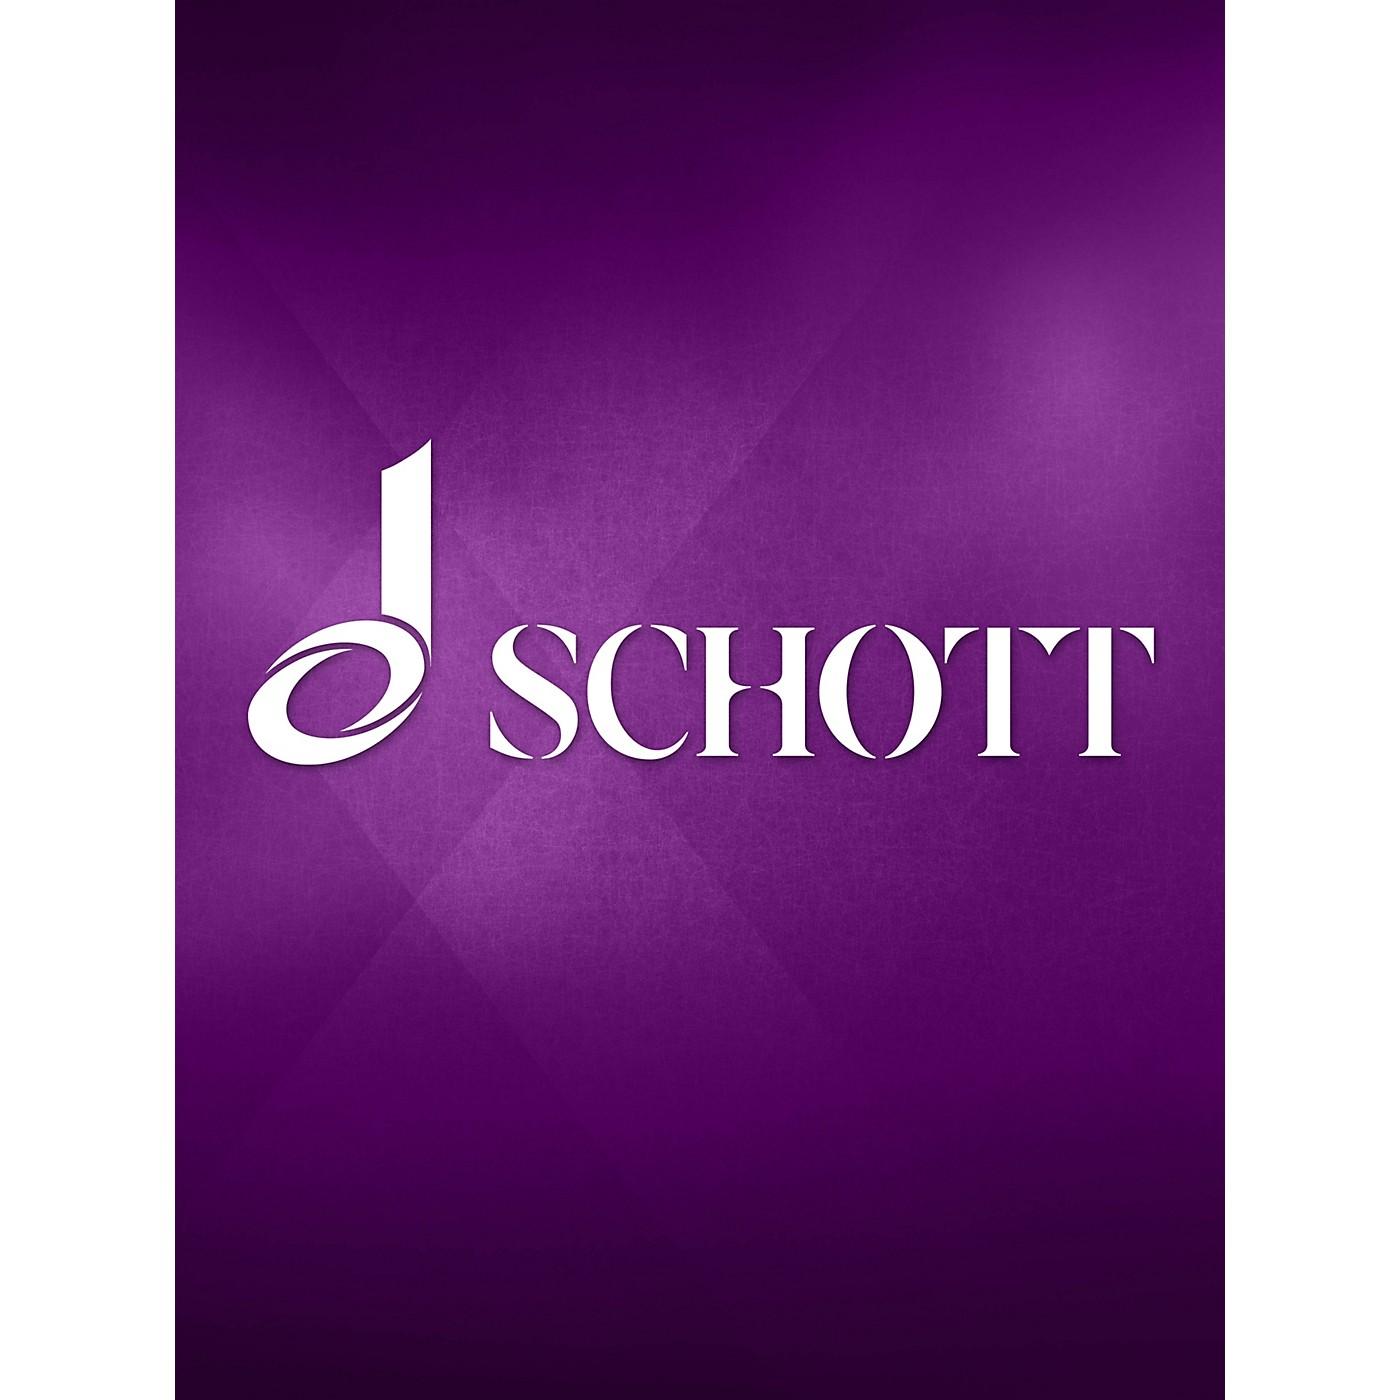 Schott Erfreut euch alle am Chorgesang! (TTBB) Composed by Heinz Wilbert thumbnail